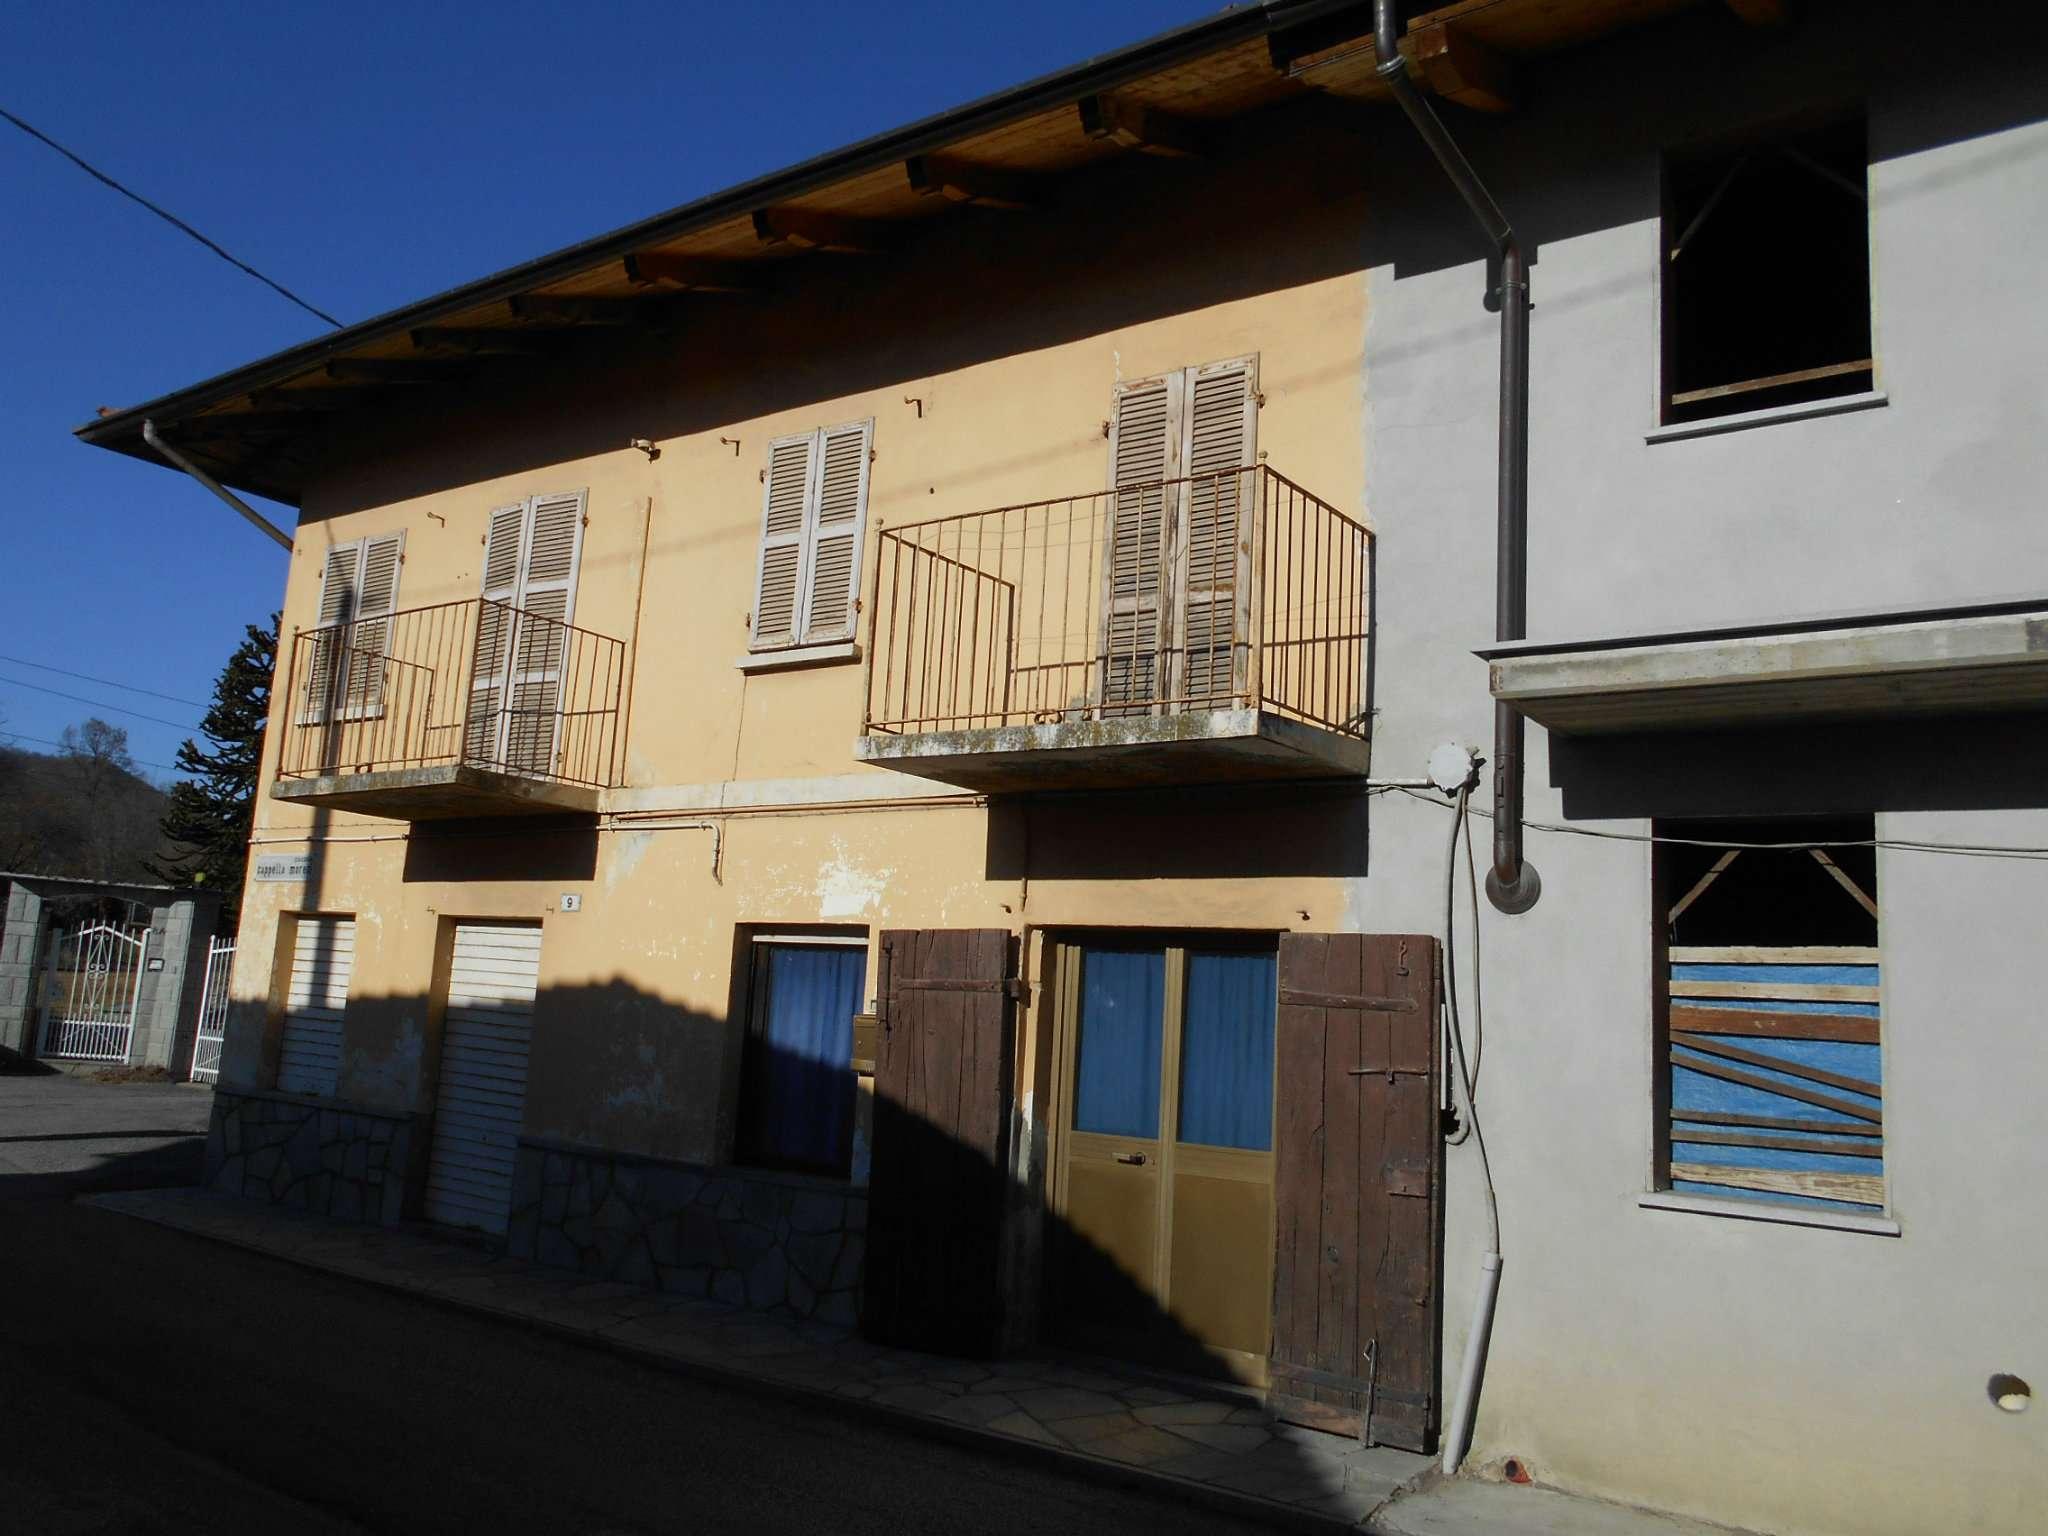 Soluzione Indipendente in vendita a Bricherasio, 6 locali, prezzo € 78.000 | PortaleAgenzieImmobiliari.it